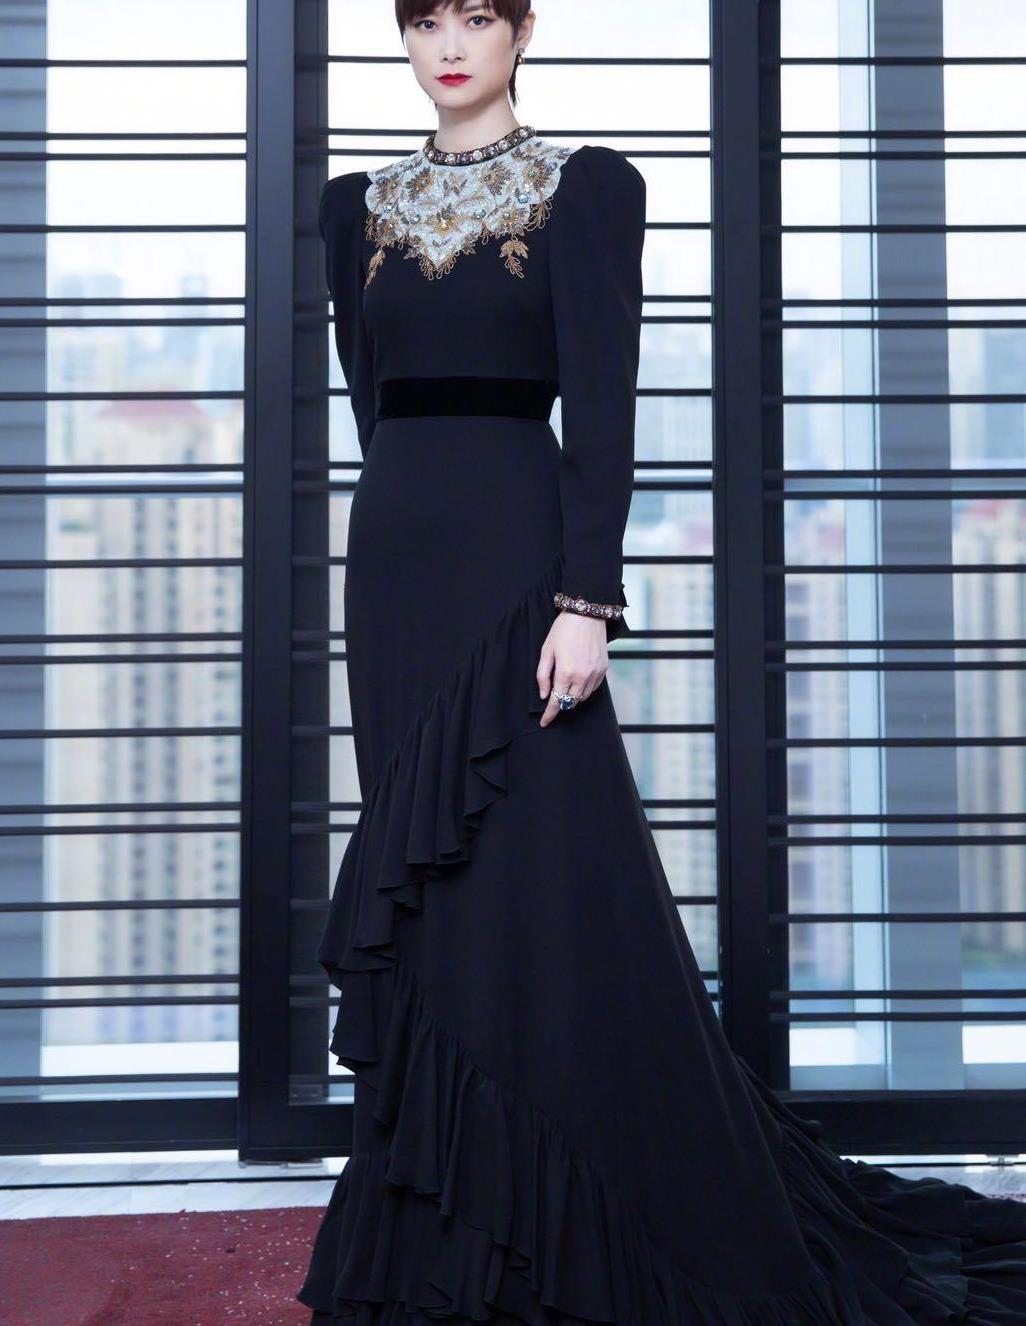 李宇春穿定制裙,很不一般,复古时尚穿出新时尚感